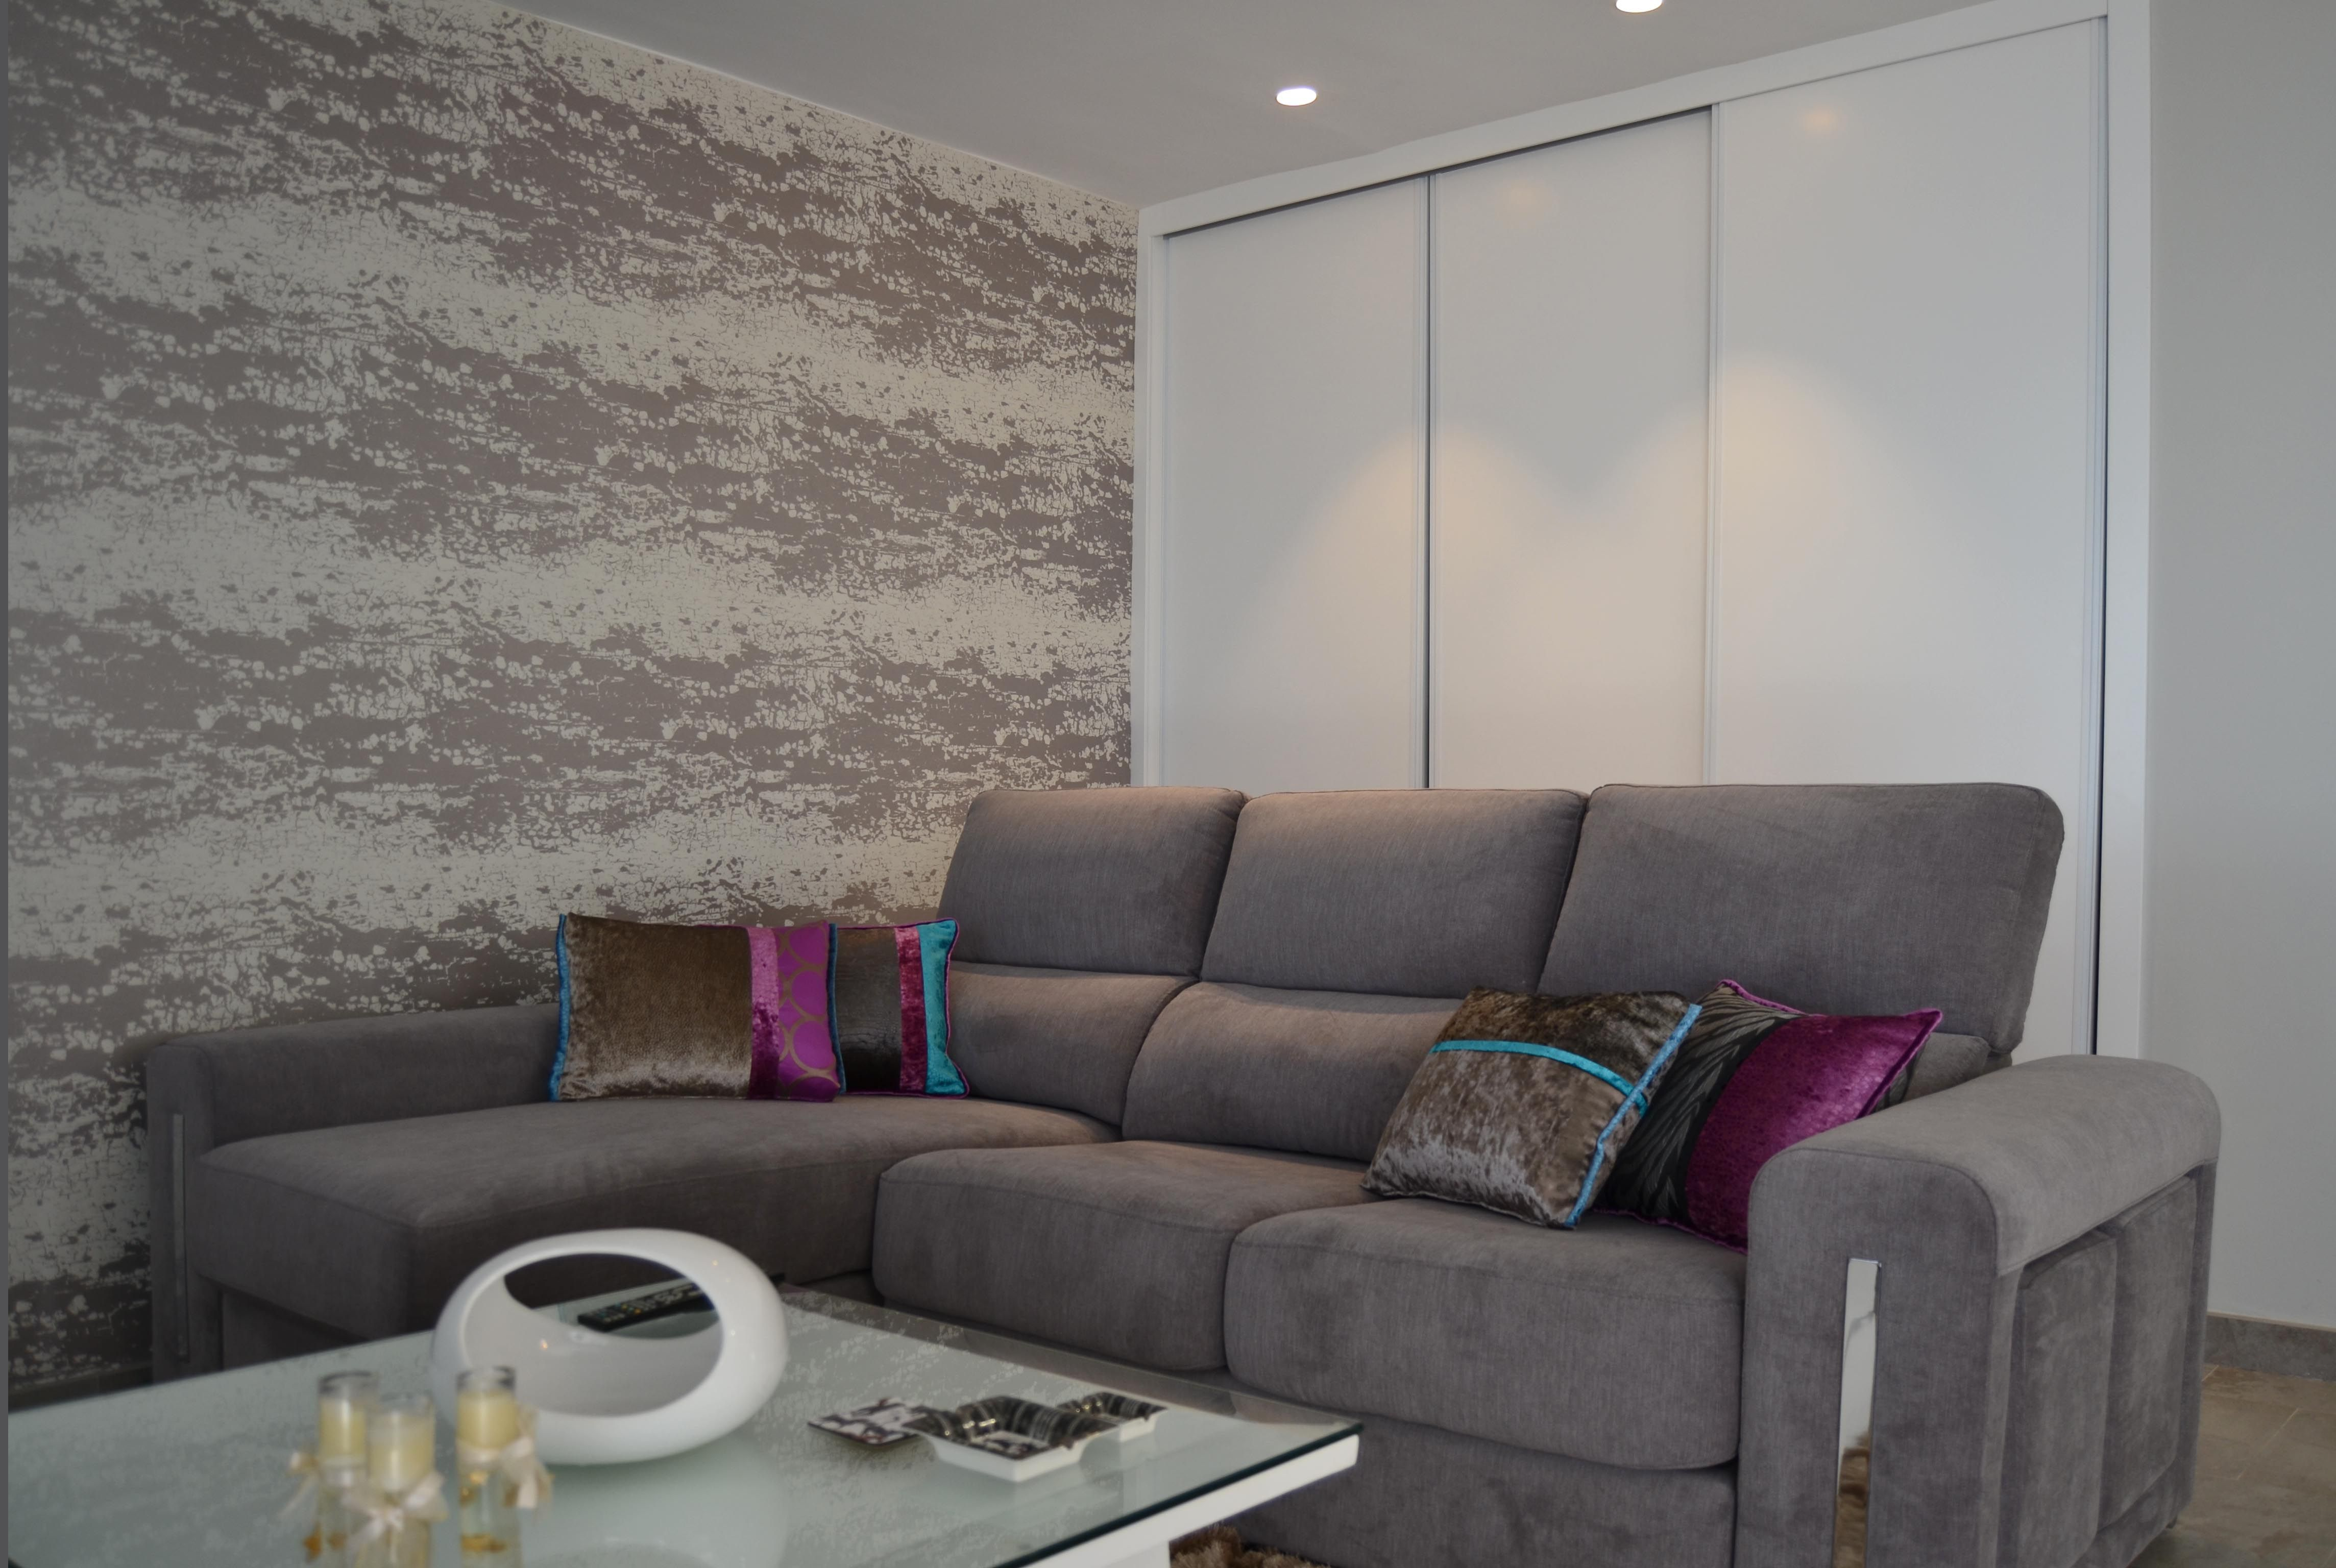 Un sofá chaise longue con cojines de distintas texturas y colores ...